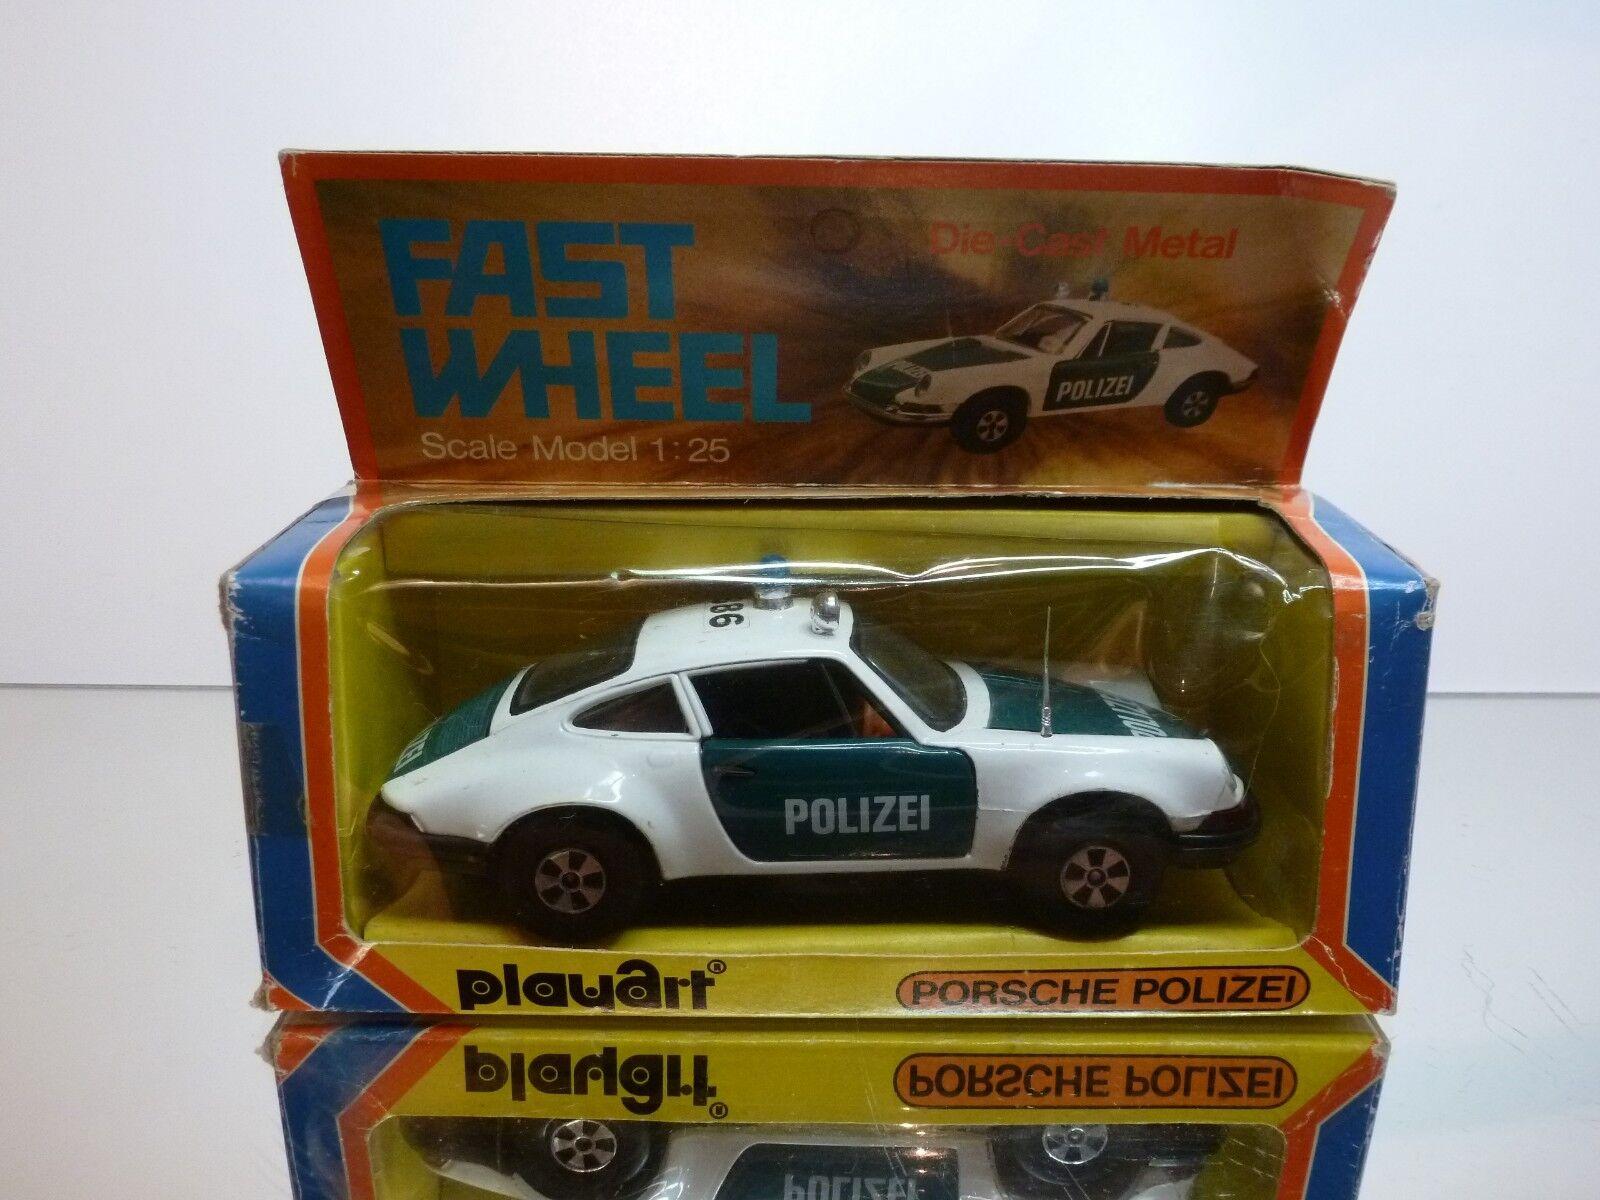 PLAYART 7902A PORSCHE 911 POLIZEI  - blanc + vert 1 25 - GOOD CONDITION IN BOX  les dernières marques en ligne